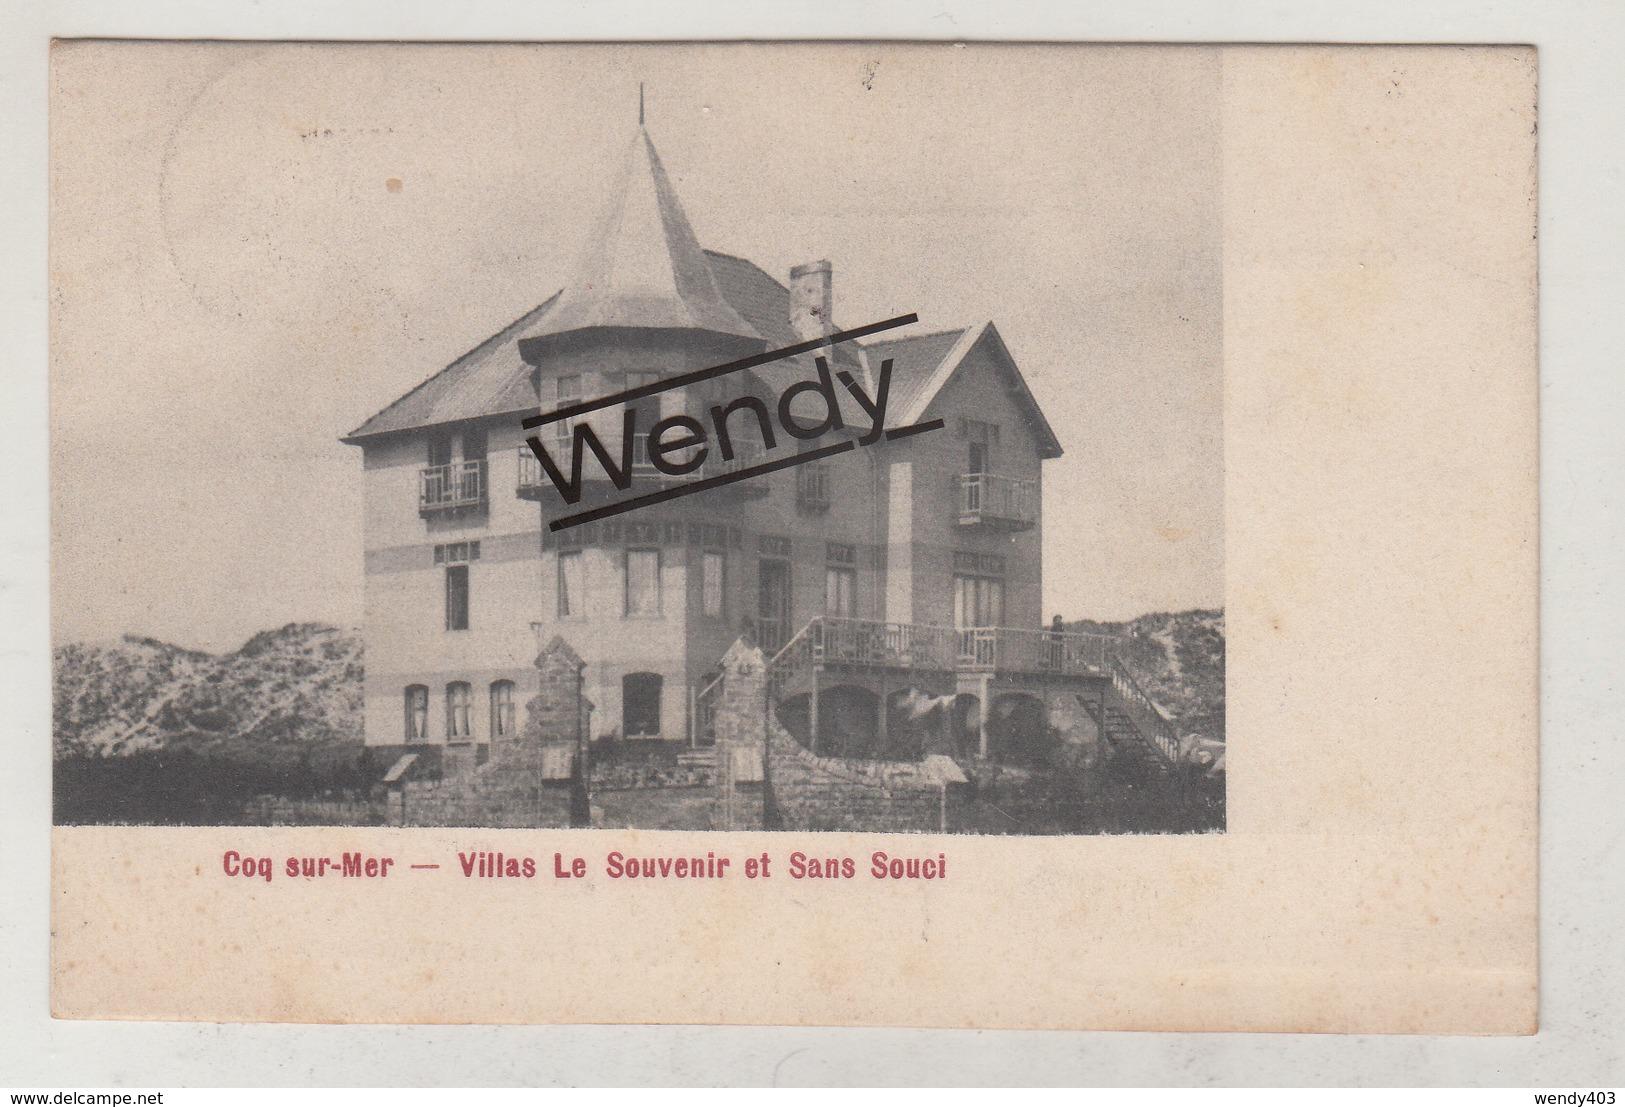 Coq S/mer (villas Le Souvenir Et Sans Souci) - De Haan